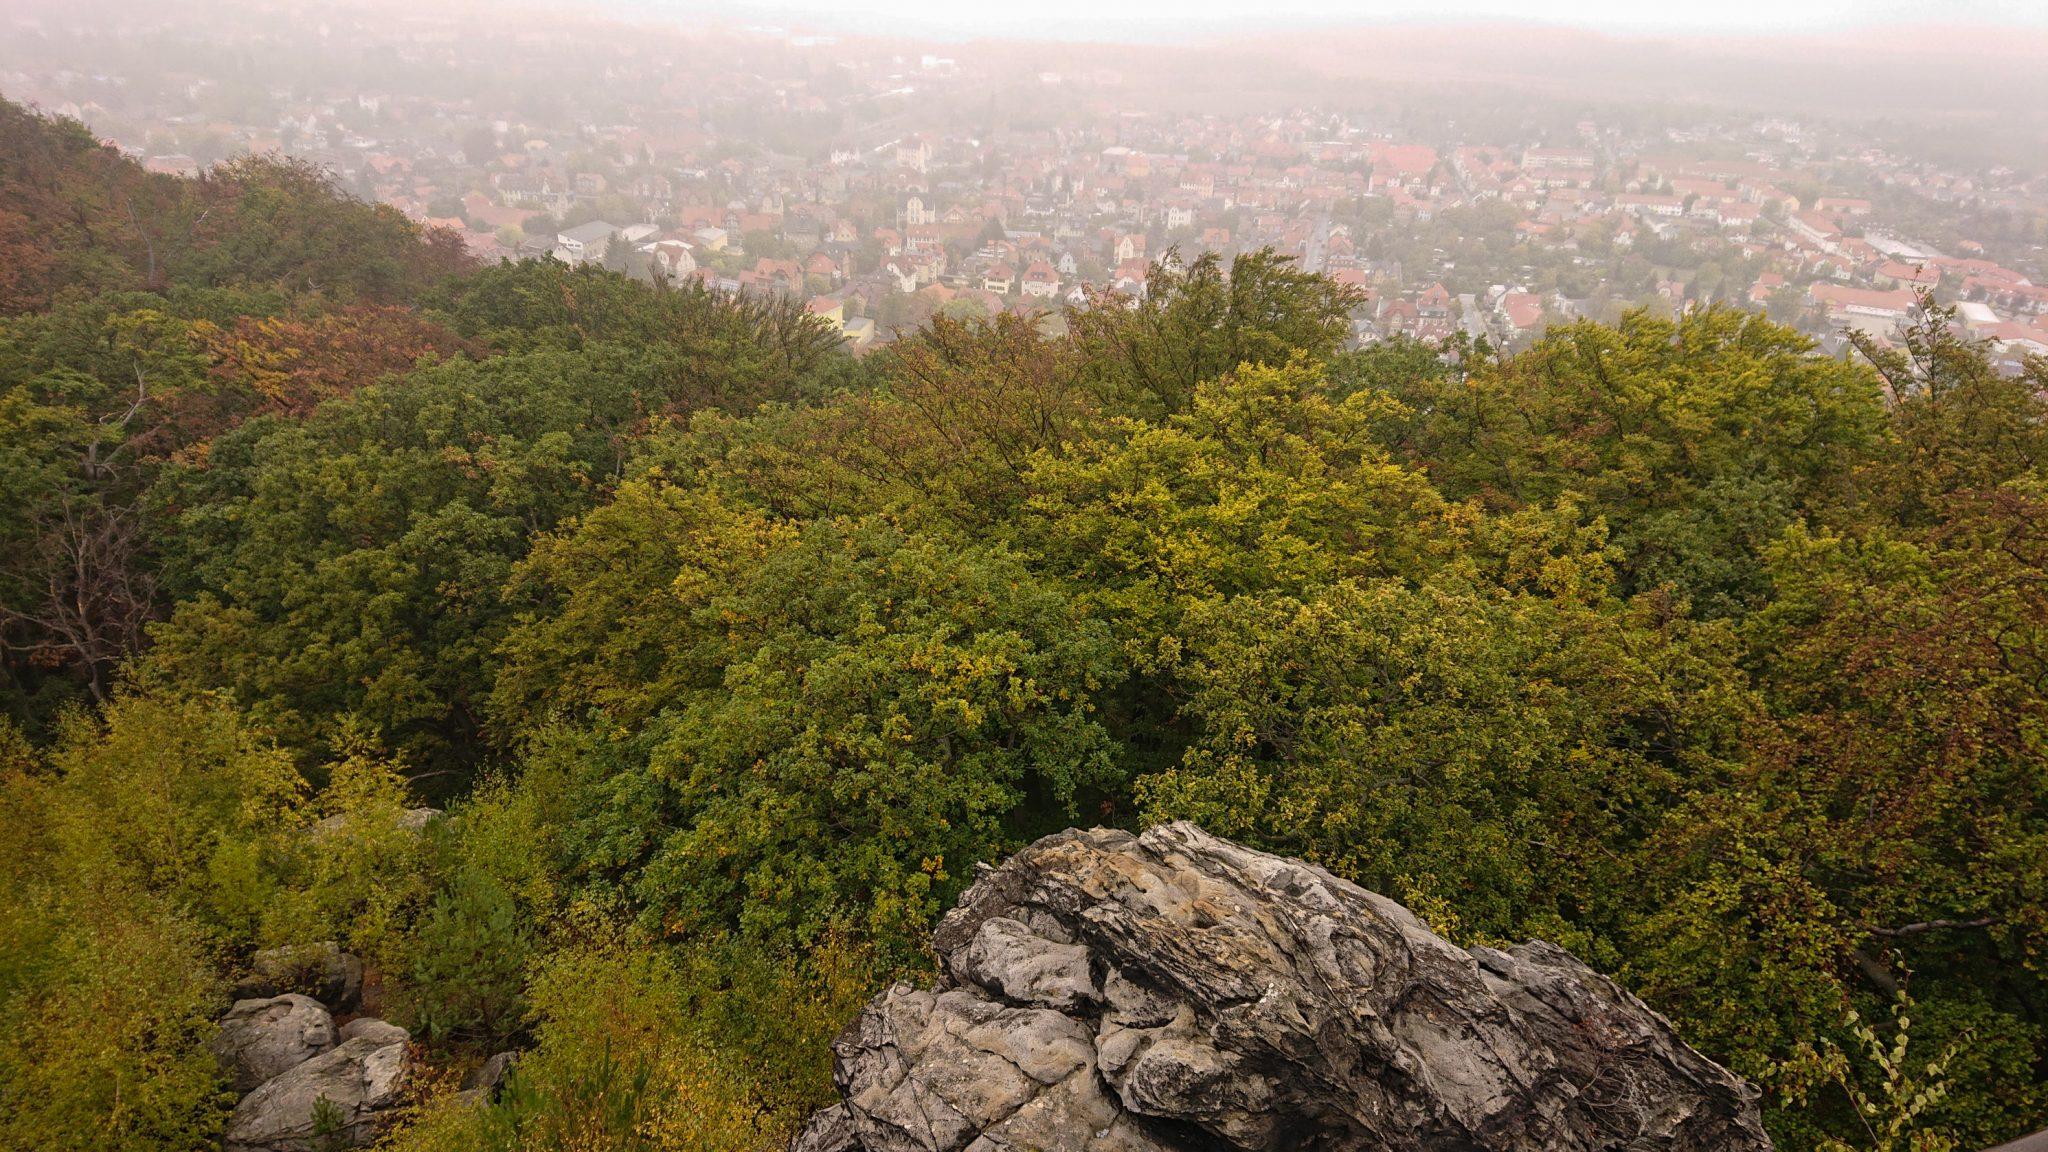 Rundwanderung auf der Blankenburger Teufelsmauer, Aussicht auf Stadt Blankenburg im Harz, schöner angrenzender Herbstwald, trist, wolkig, neblig